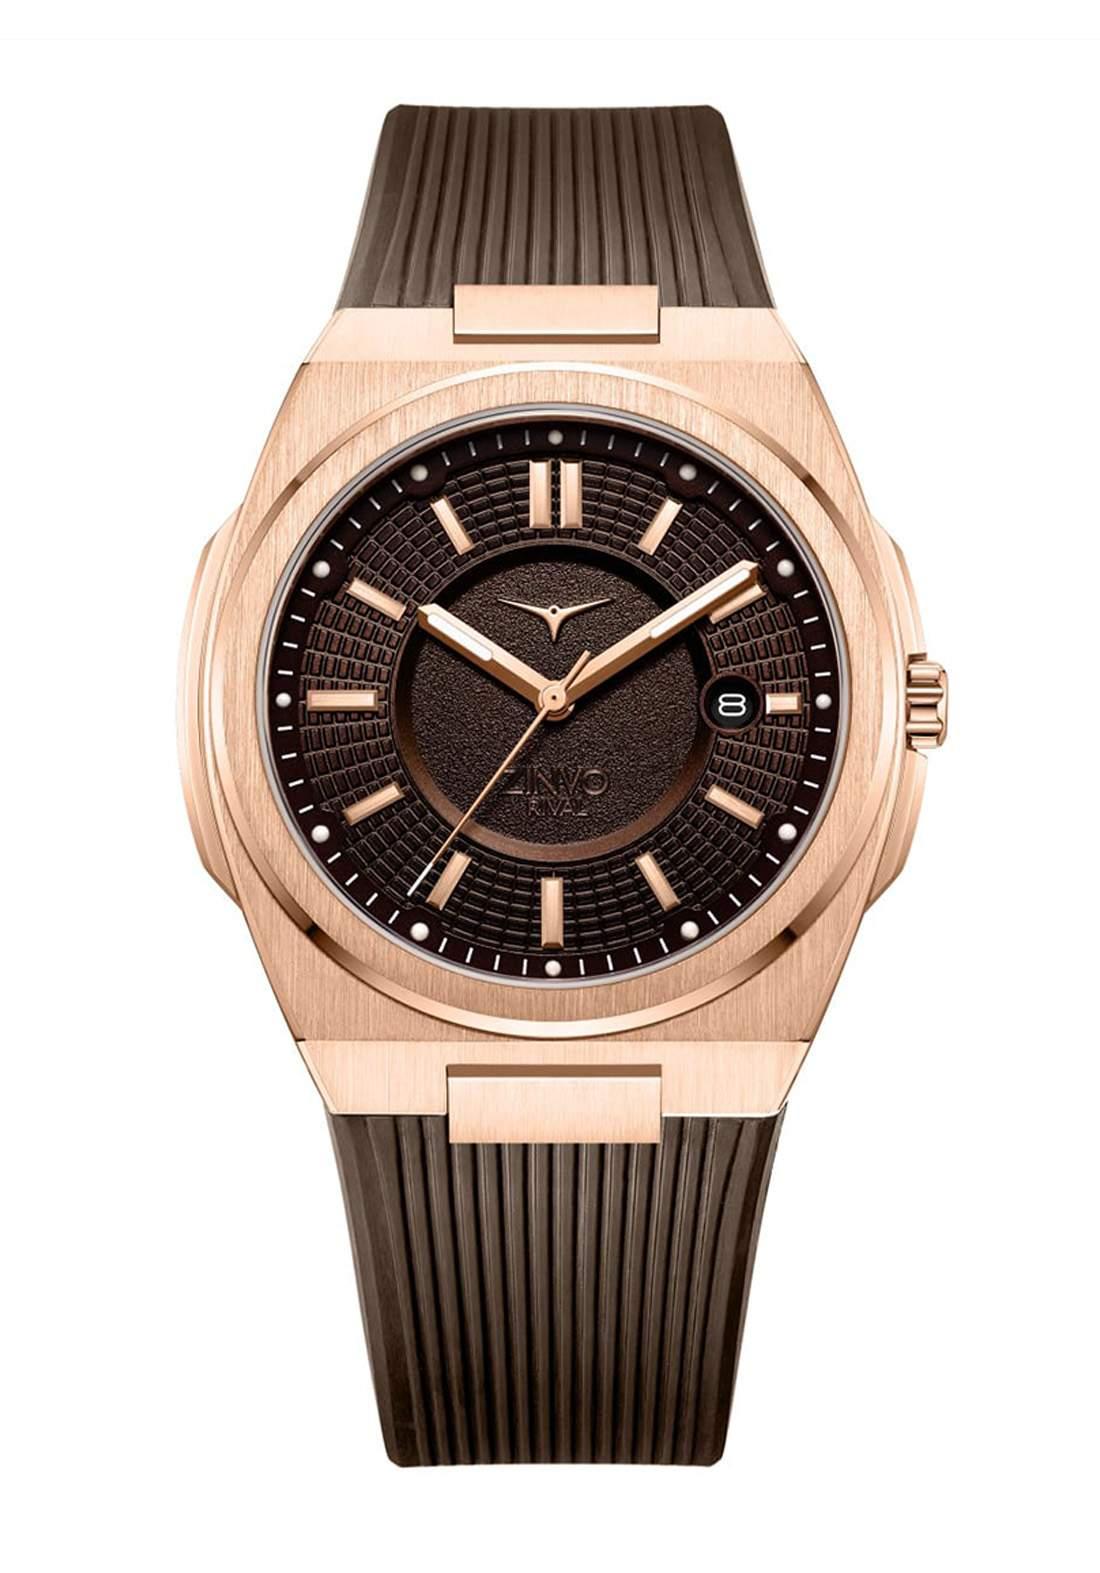 Zinvo Rival Rose Gold Watch For Men  ساعة رجالي